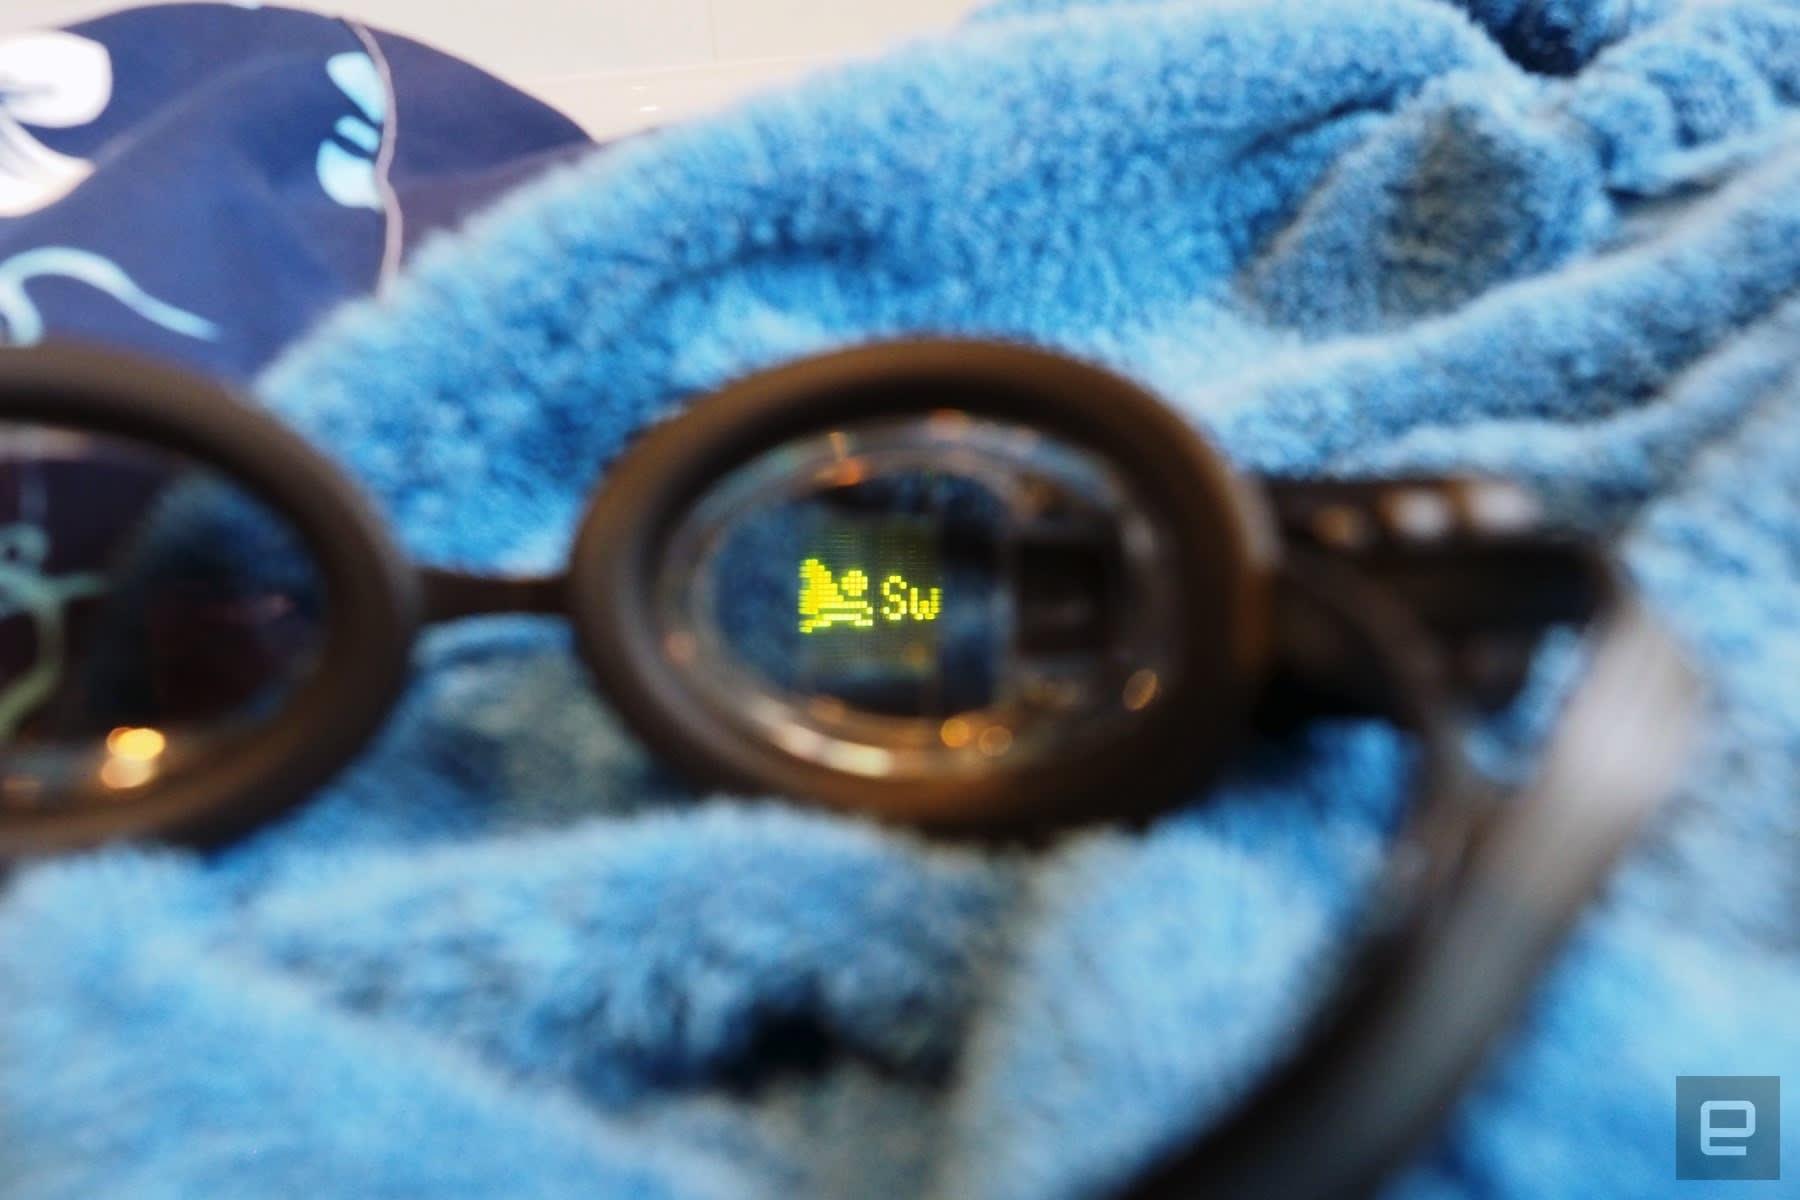 水泳用ARゴーグル「FORM Swim Goggles」199ドルで発売。スイム中にタイムや距離を表示